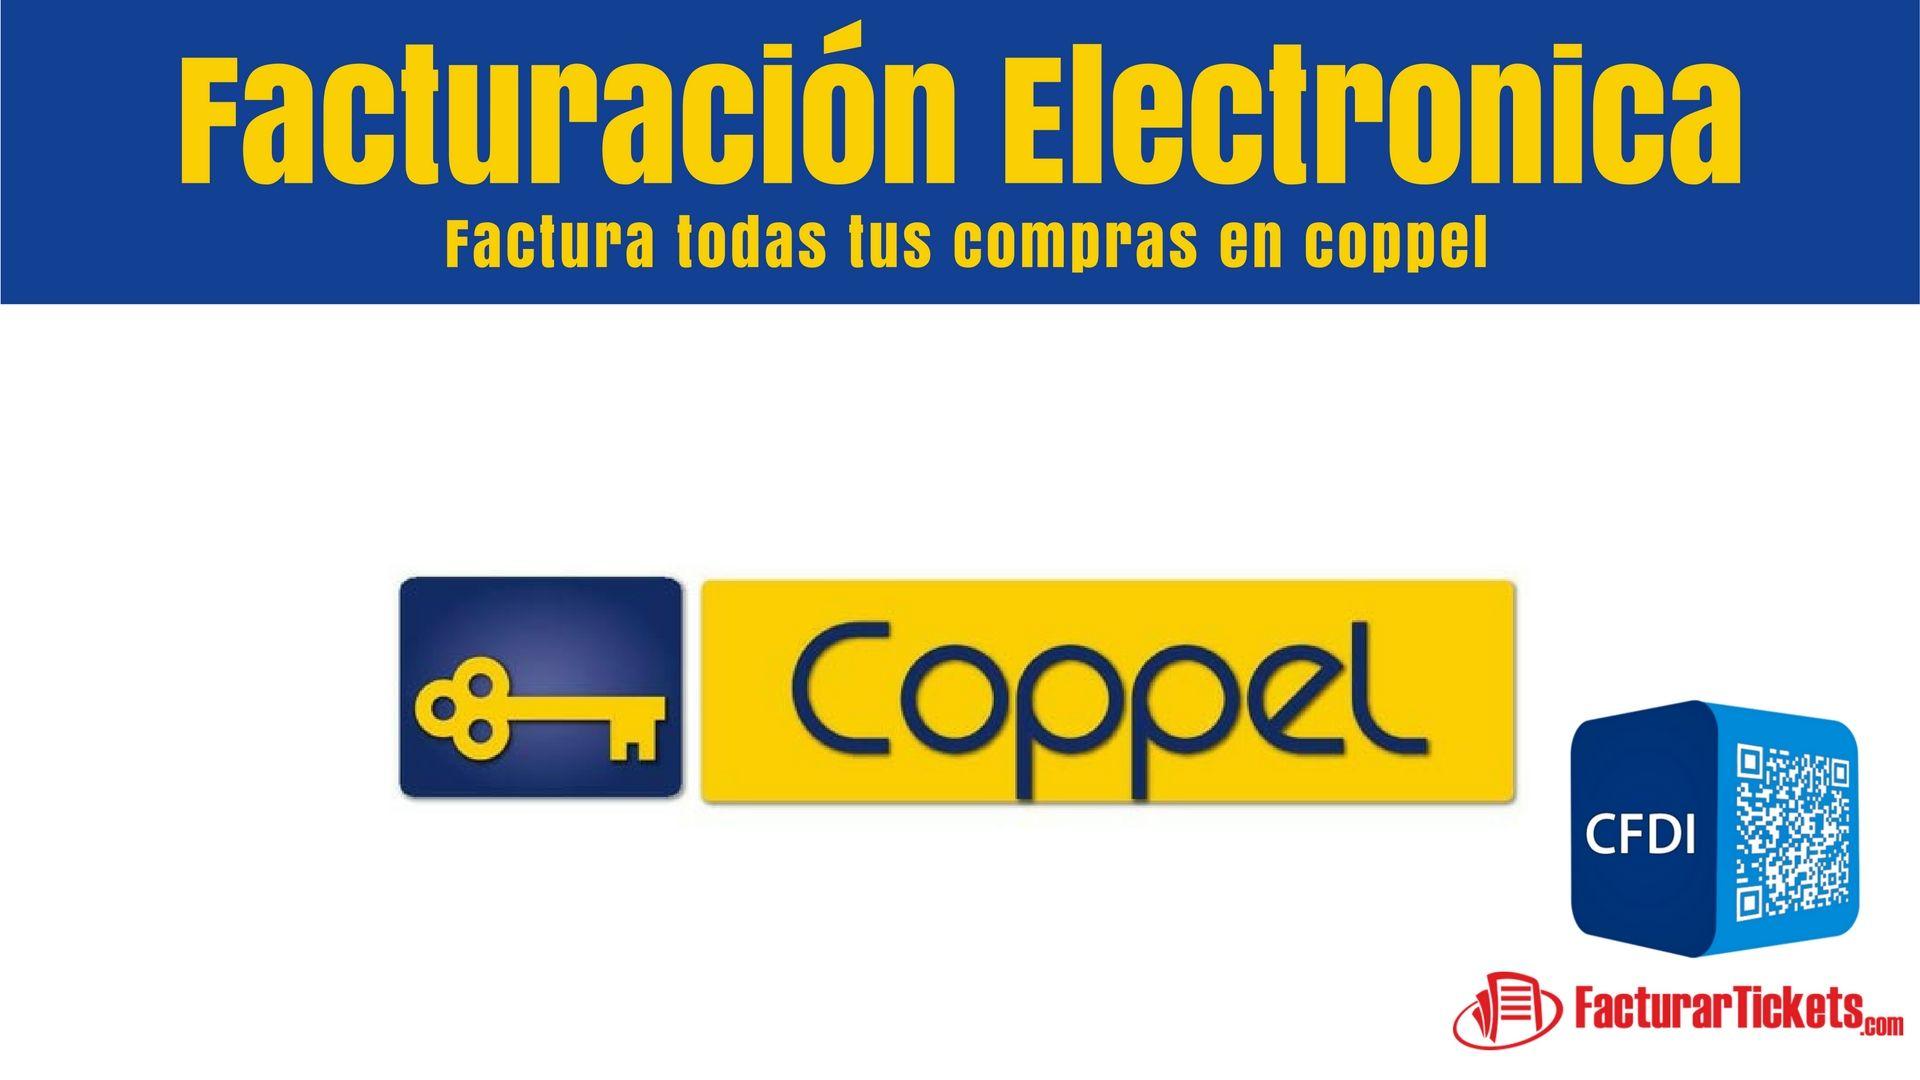 Facturacion Electronica Coppel En 2019 Factura